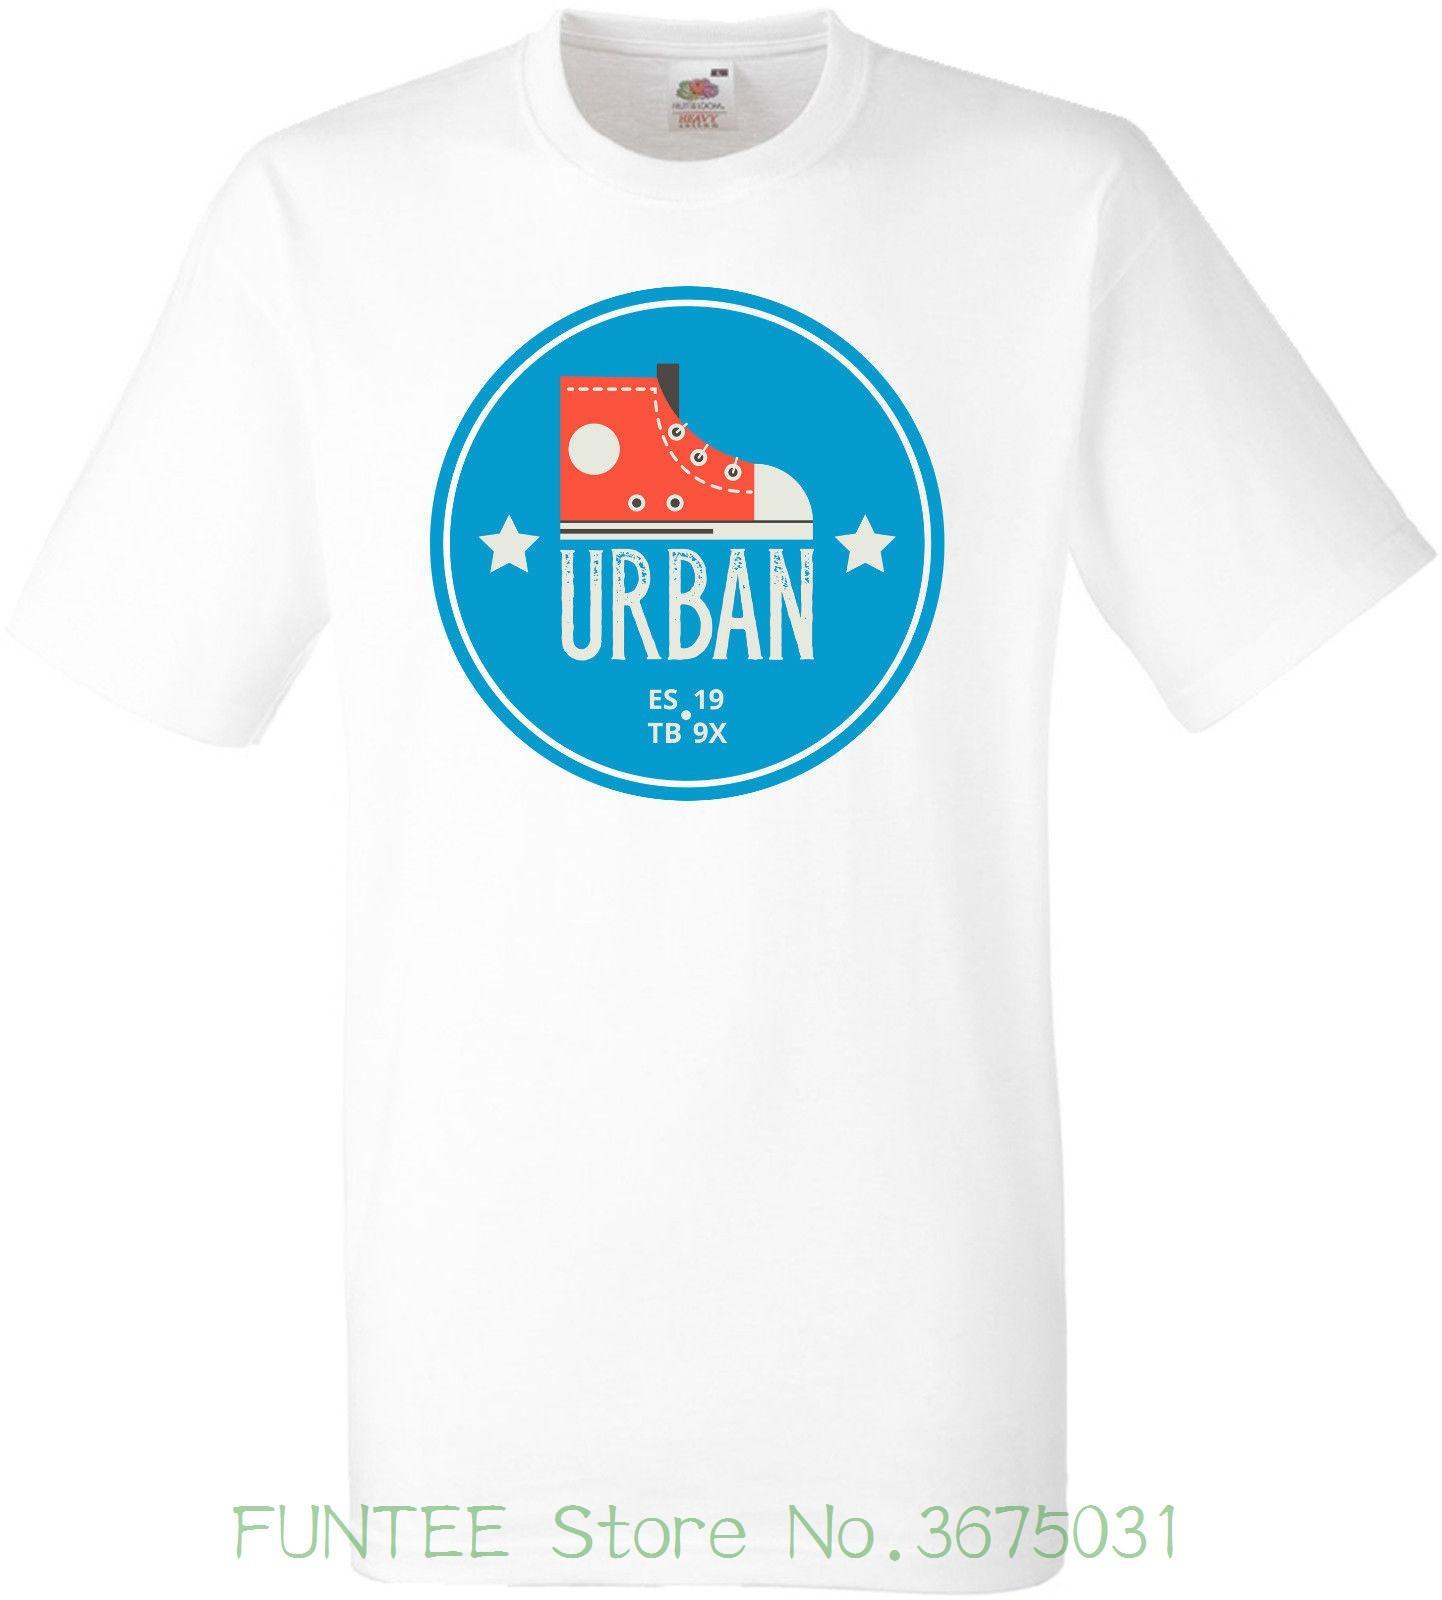 Urban Circle Da Maglietta Acquista Donna xBodCe